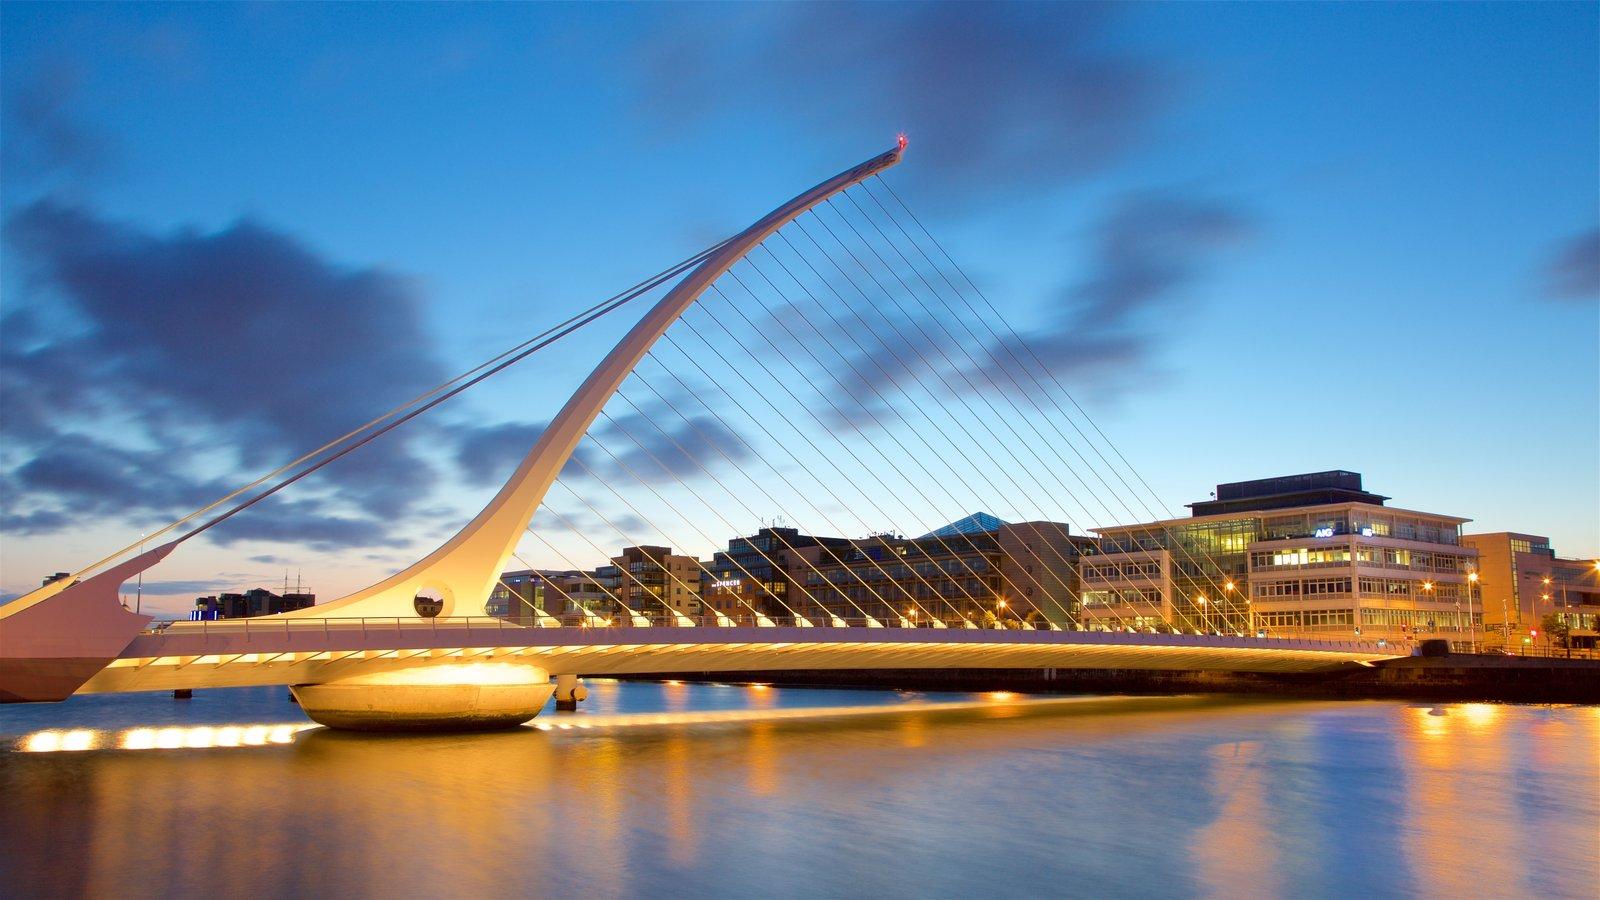 Dublín ofreciendo una ciudad, una puesta de sol y un río o arroyo